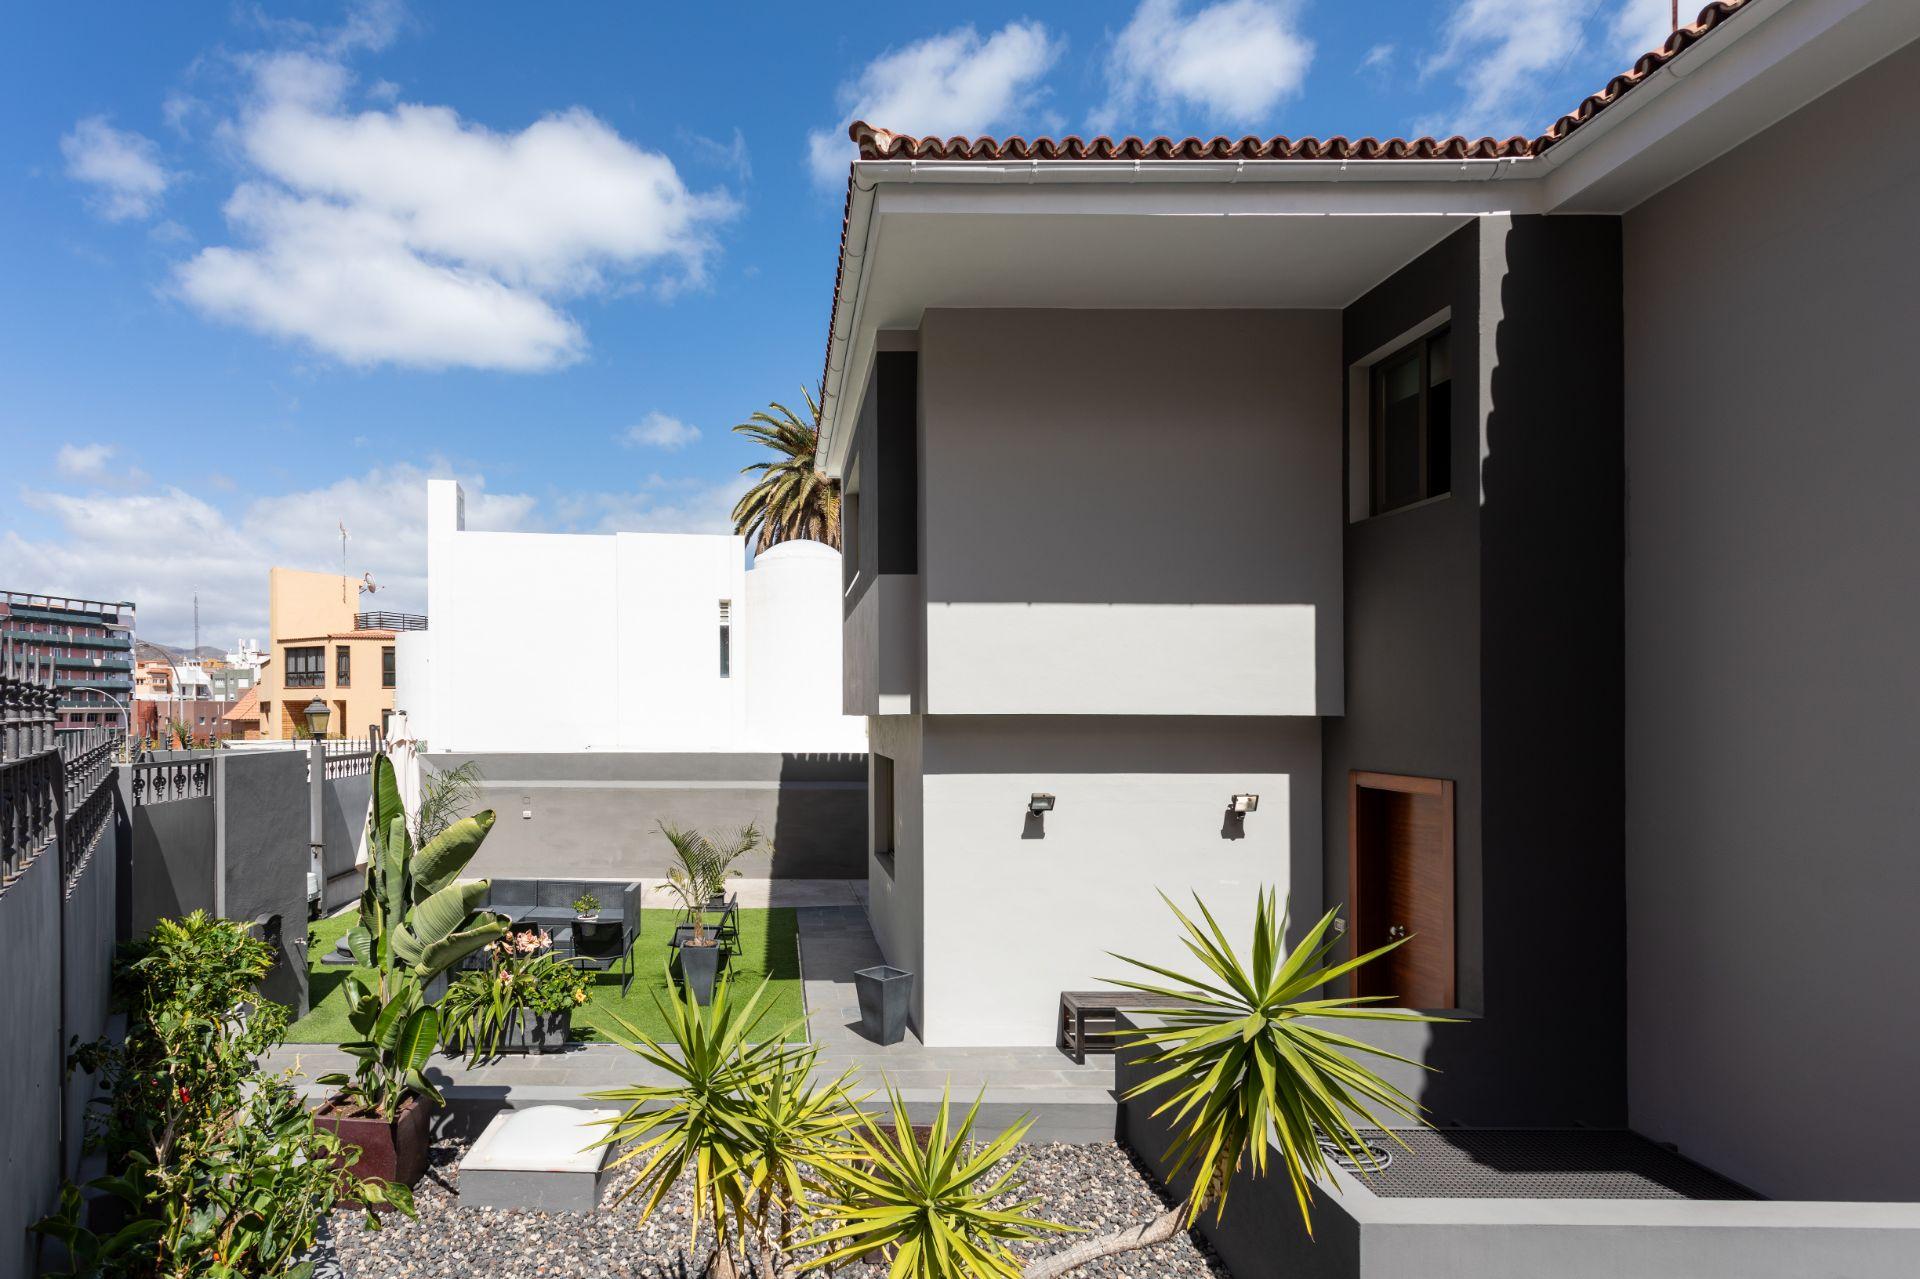 Casa / Chalet en Santa Cruz de Tenerife, Centro, venta